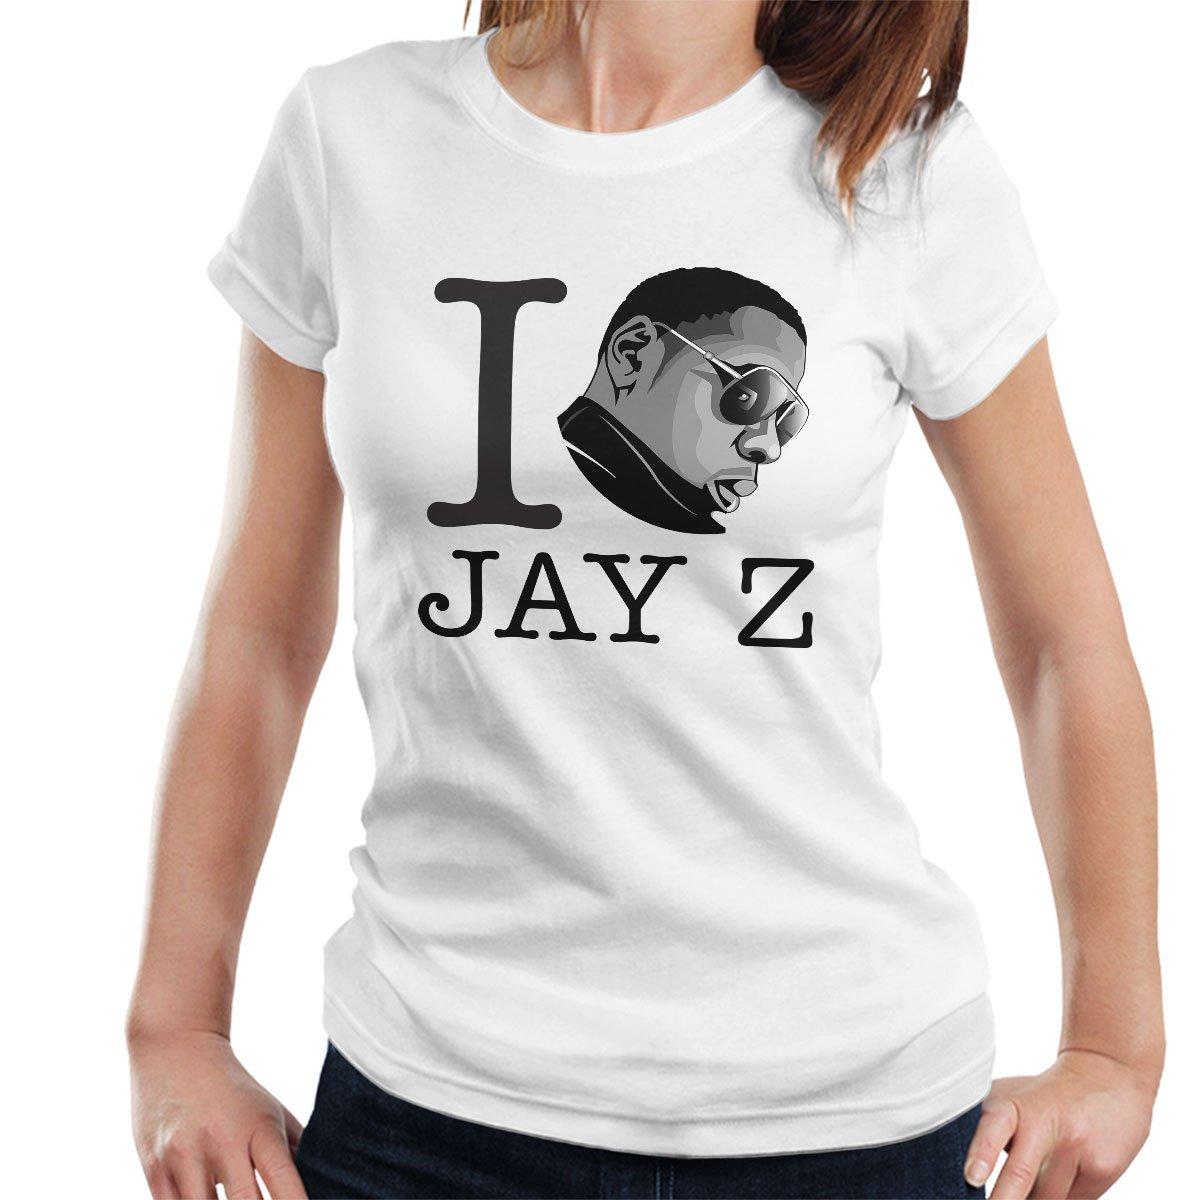 I Heart Jay Z S Shirts